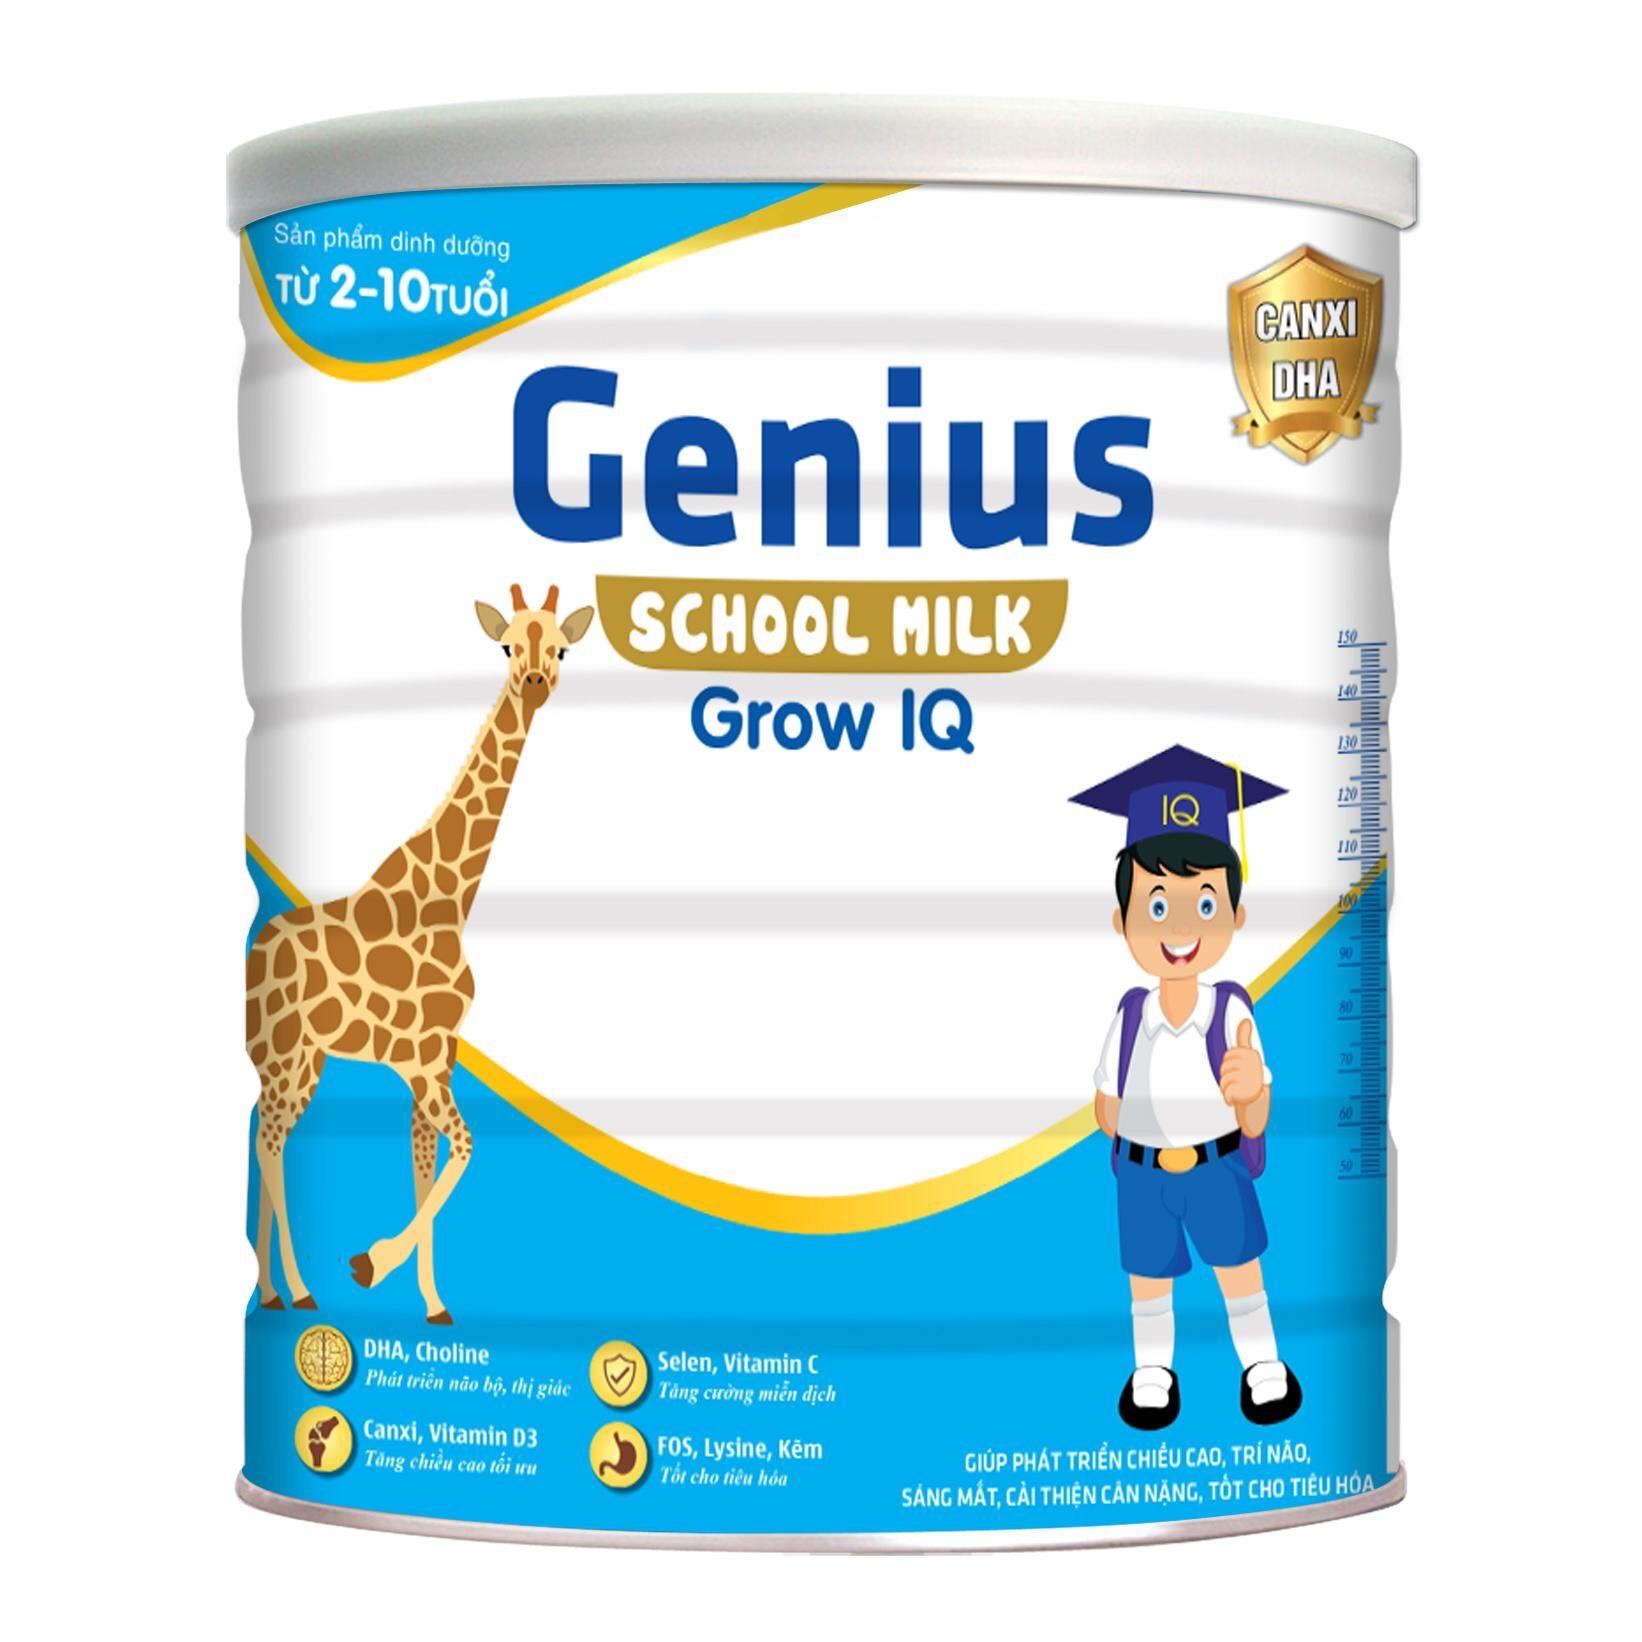 GENIUS SHOOL MILK GROW IQ 900g